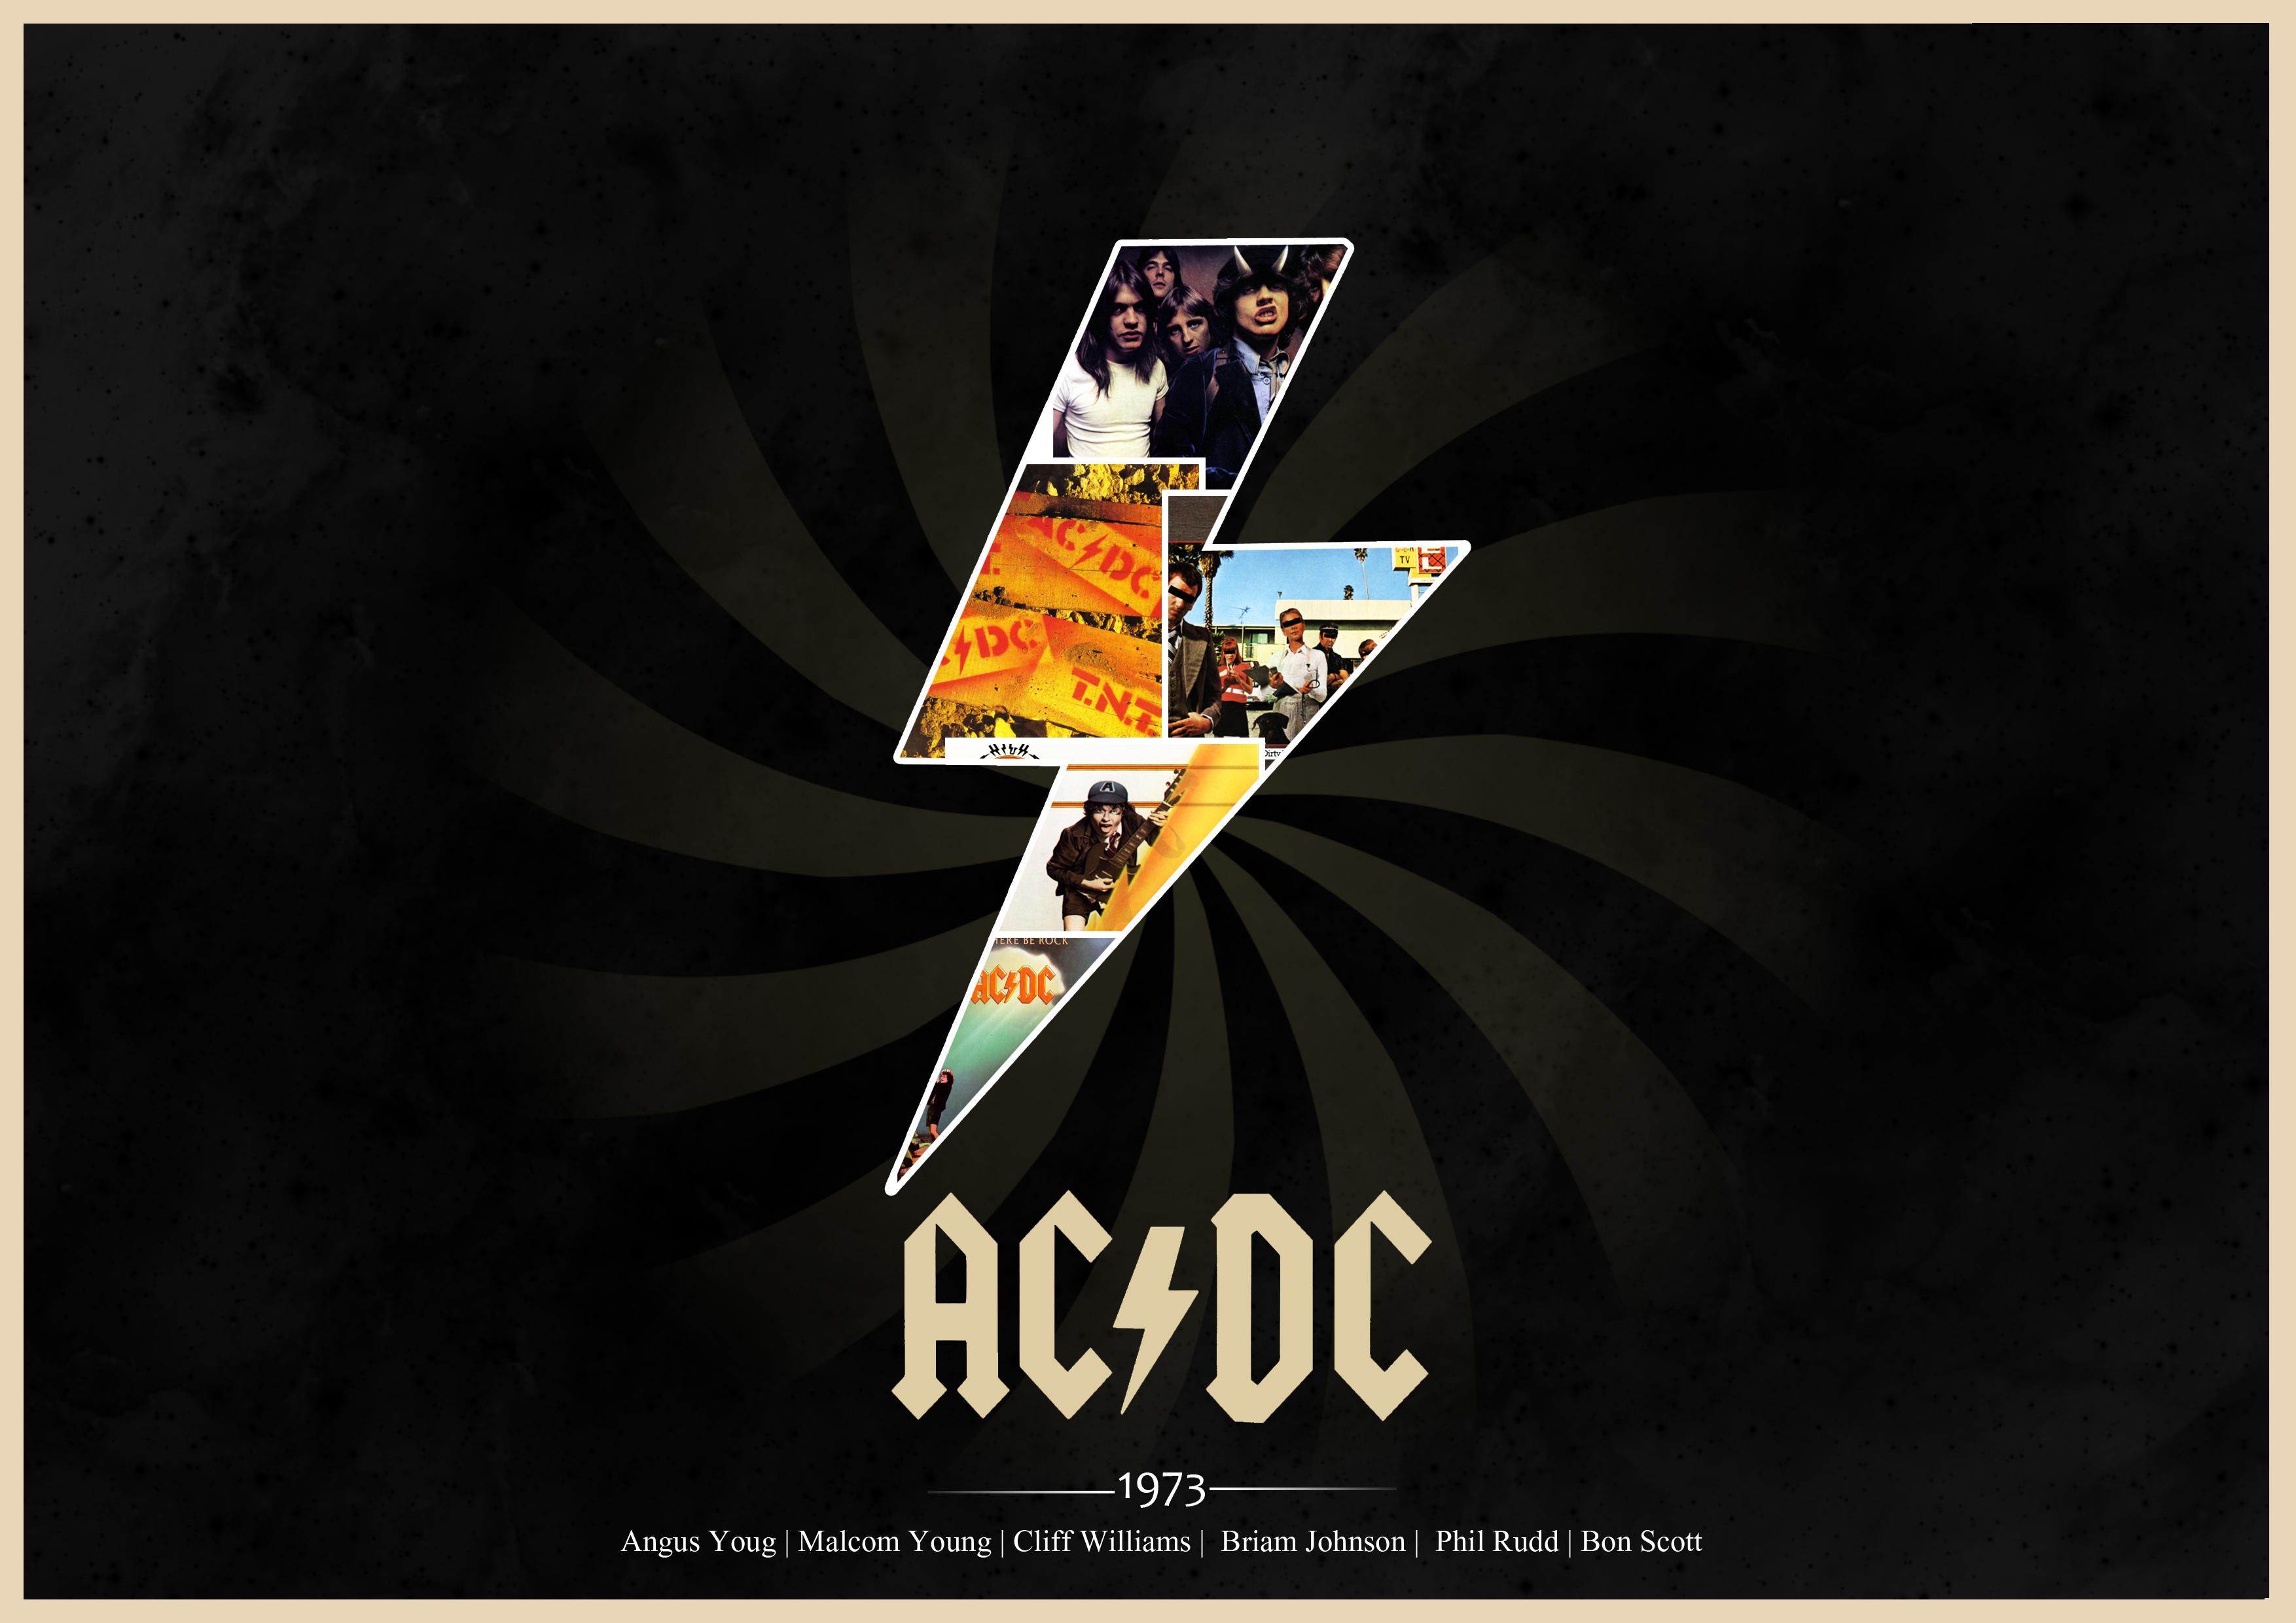 Classic Rock Wallpaper 35082480 23496 HD Wallpaper Res 3508x2480 3508x2480